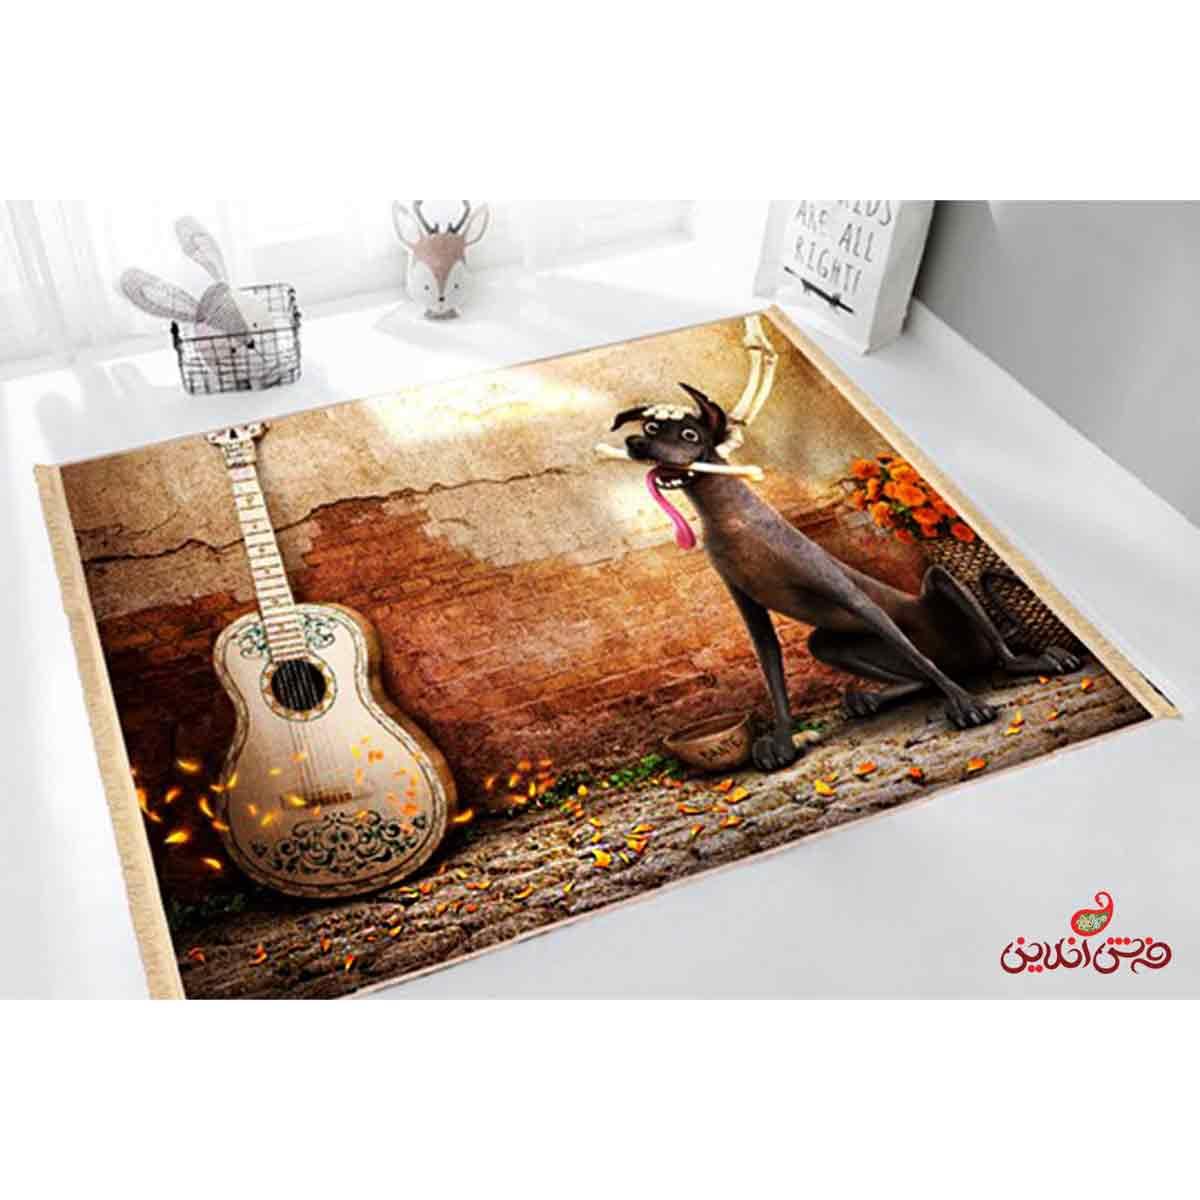 فرش ماشینی کودک کلاریس طرح کوکو COCO کد 100227